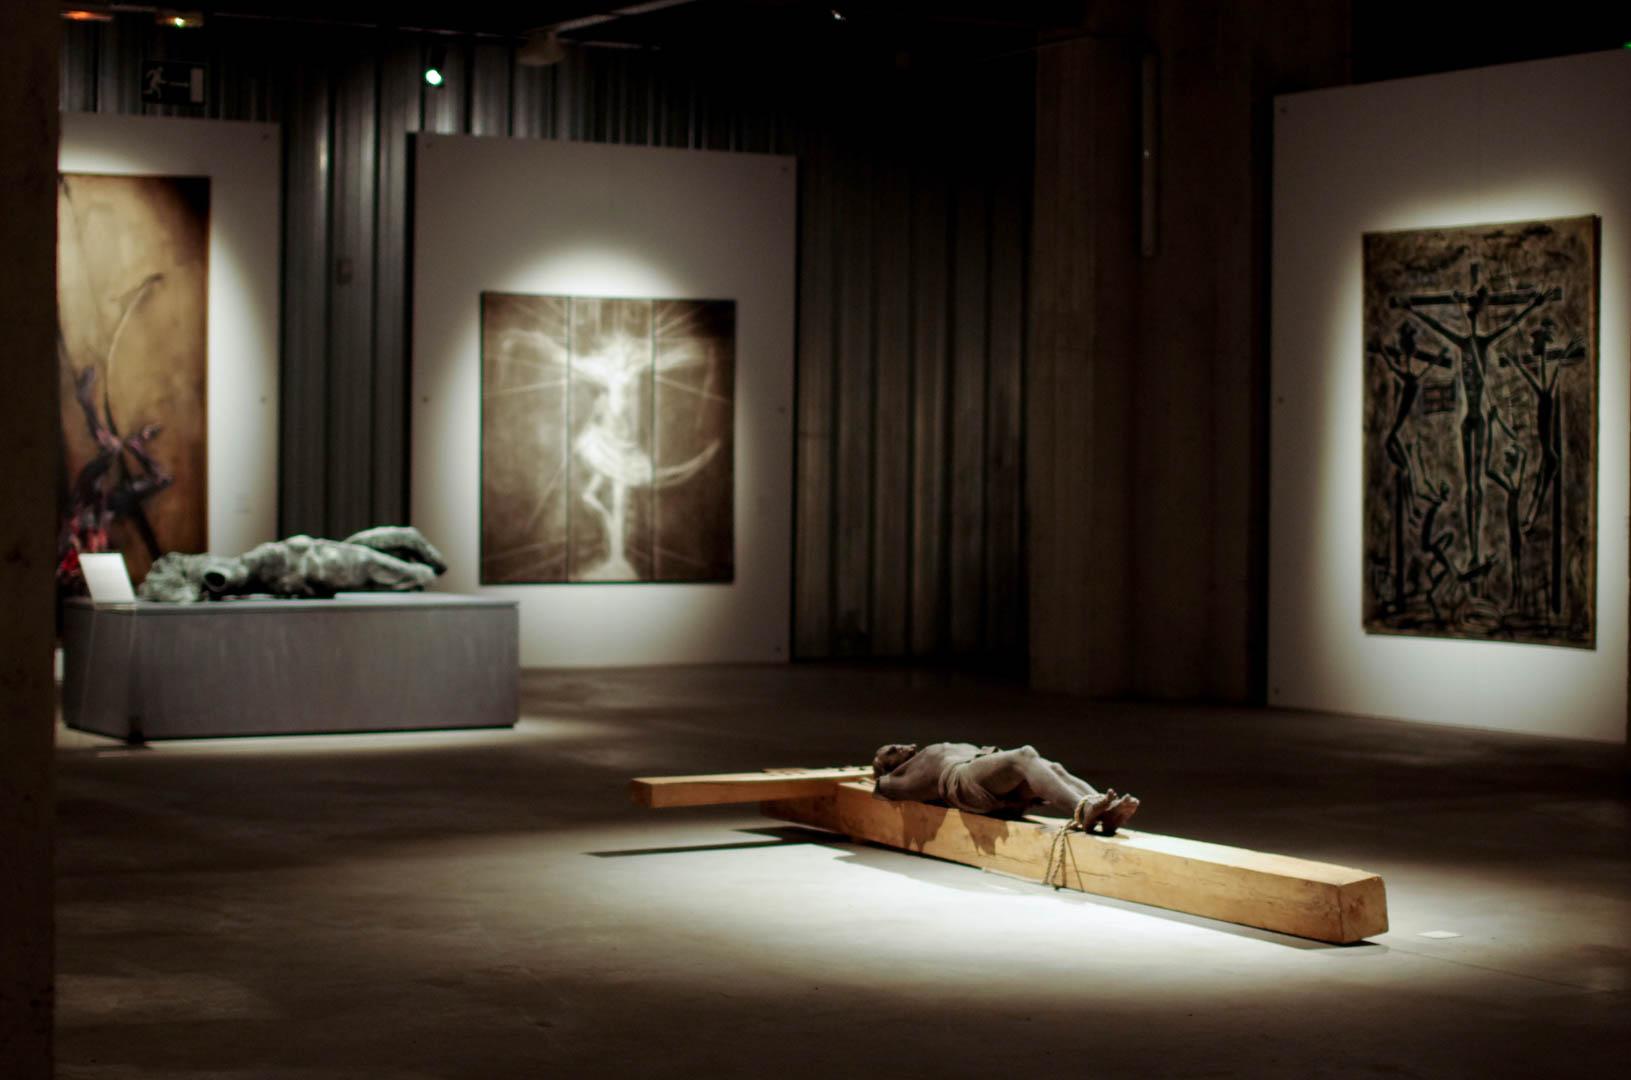 centre d'art sacre de lille crucifixions cathedrale notre dame de la treille 6056